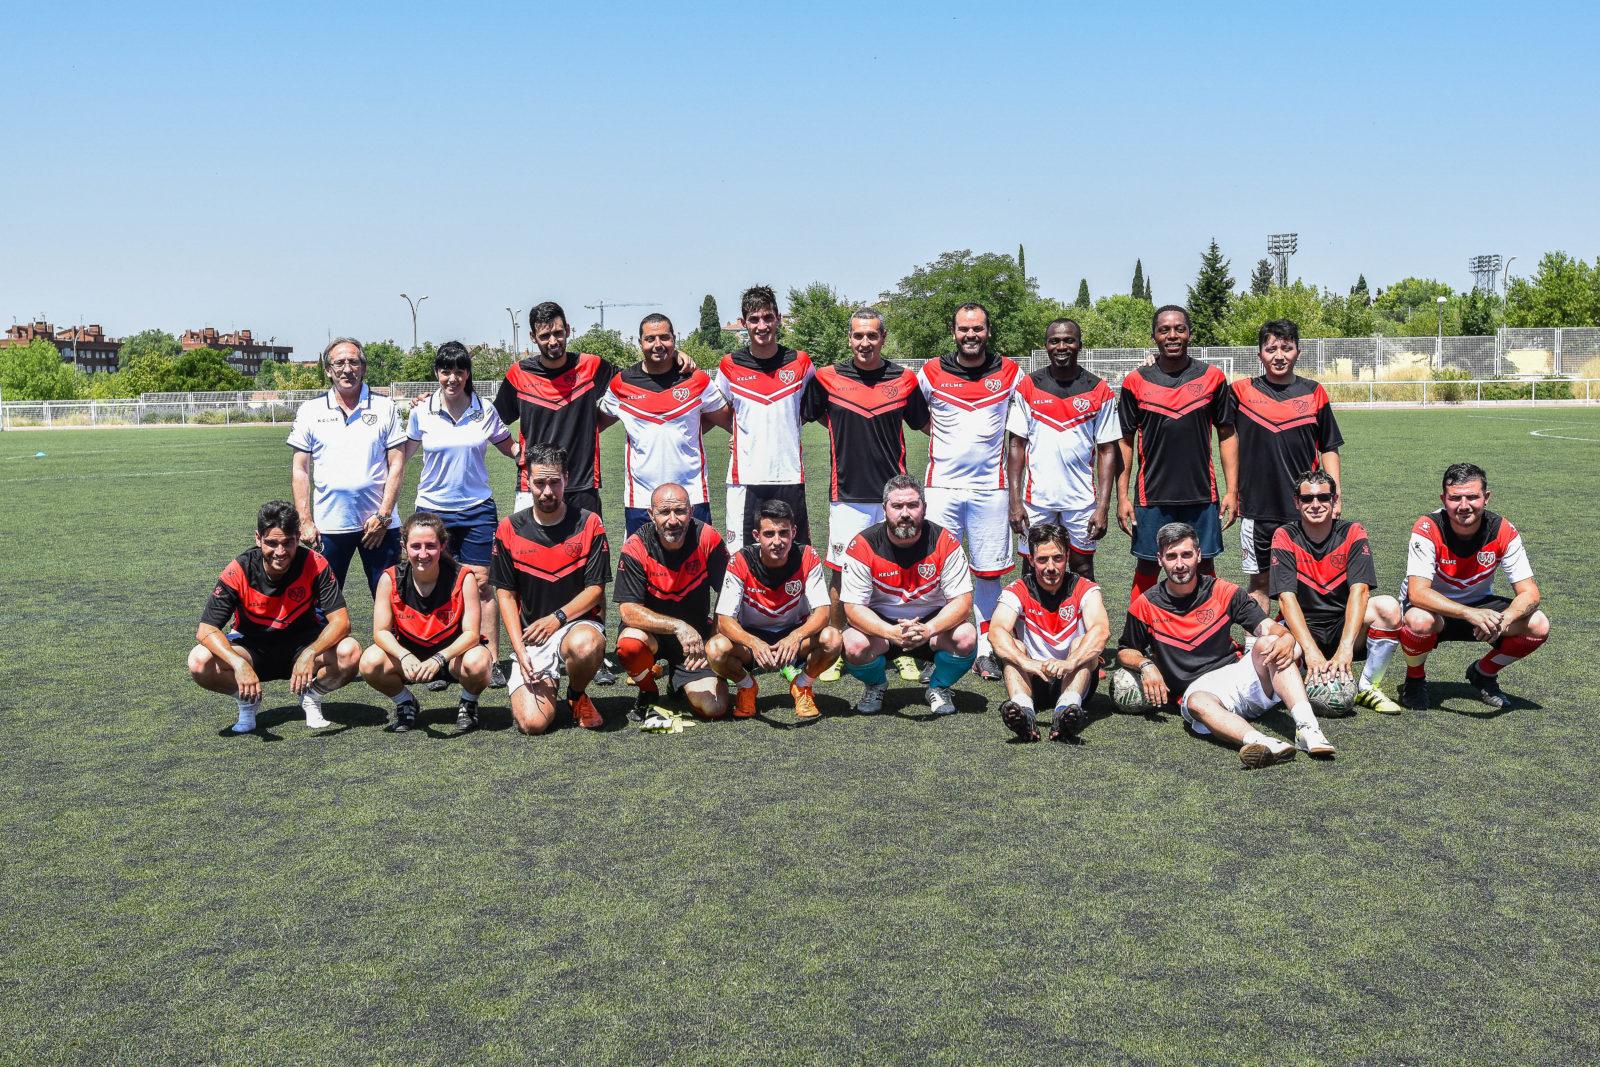 Fin de temporada en la Escuela de fútbol FRV